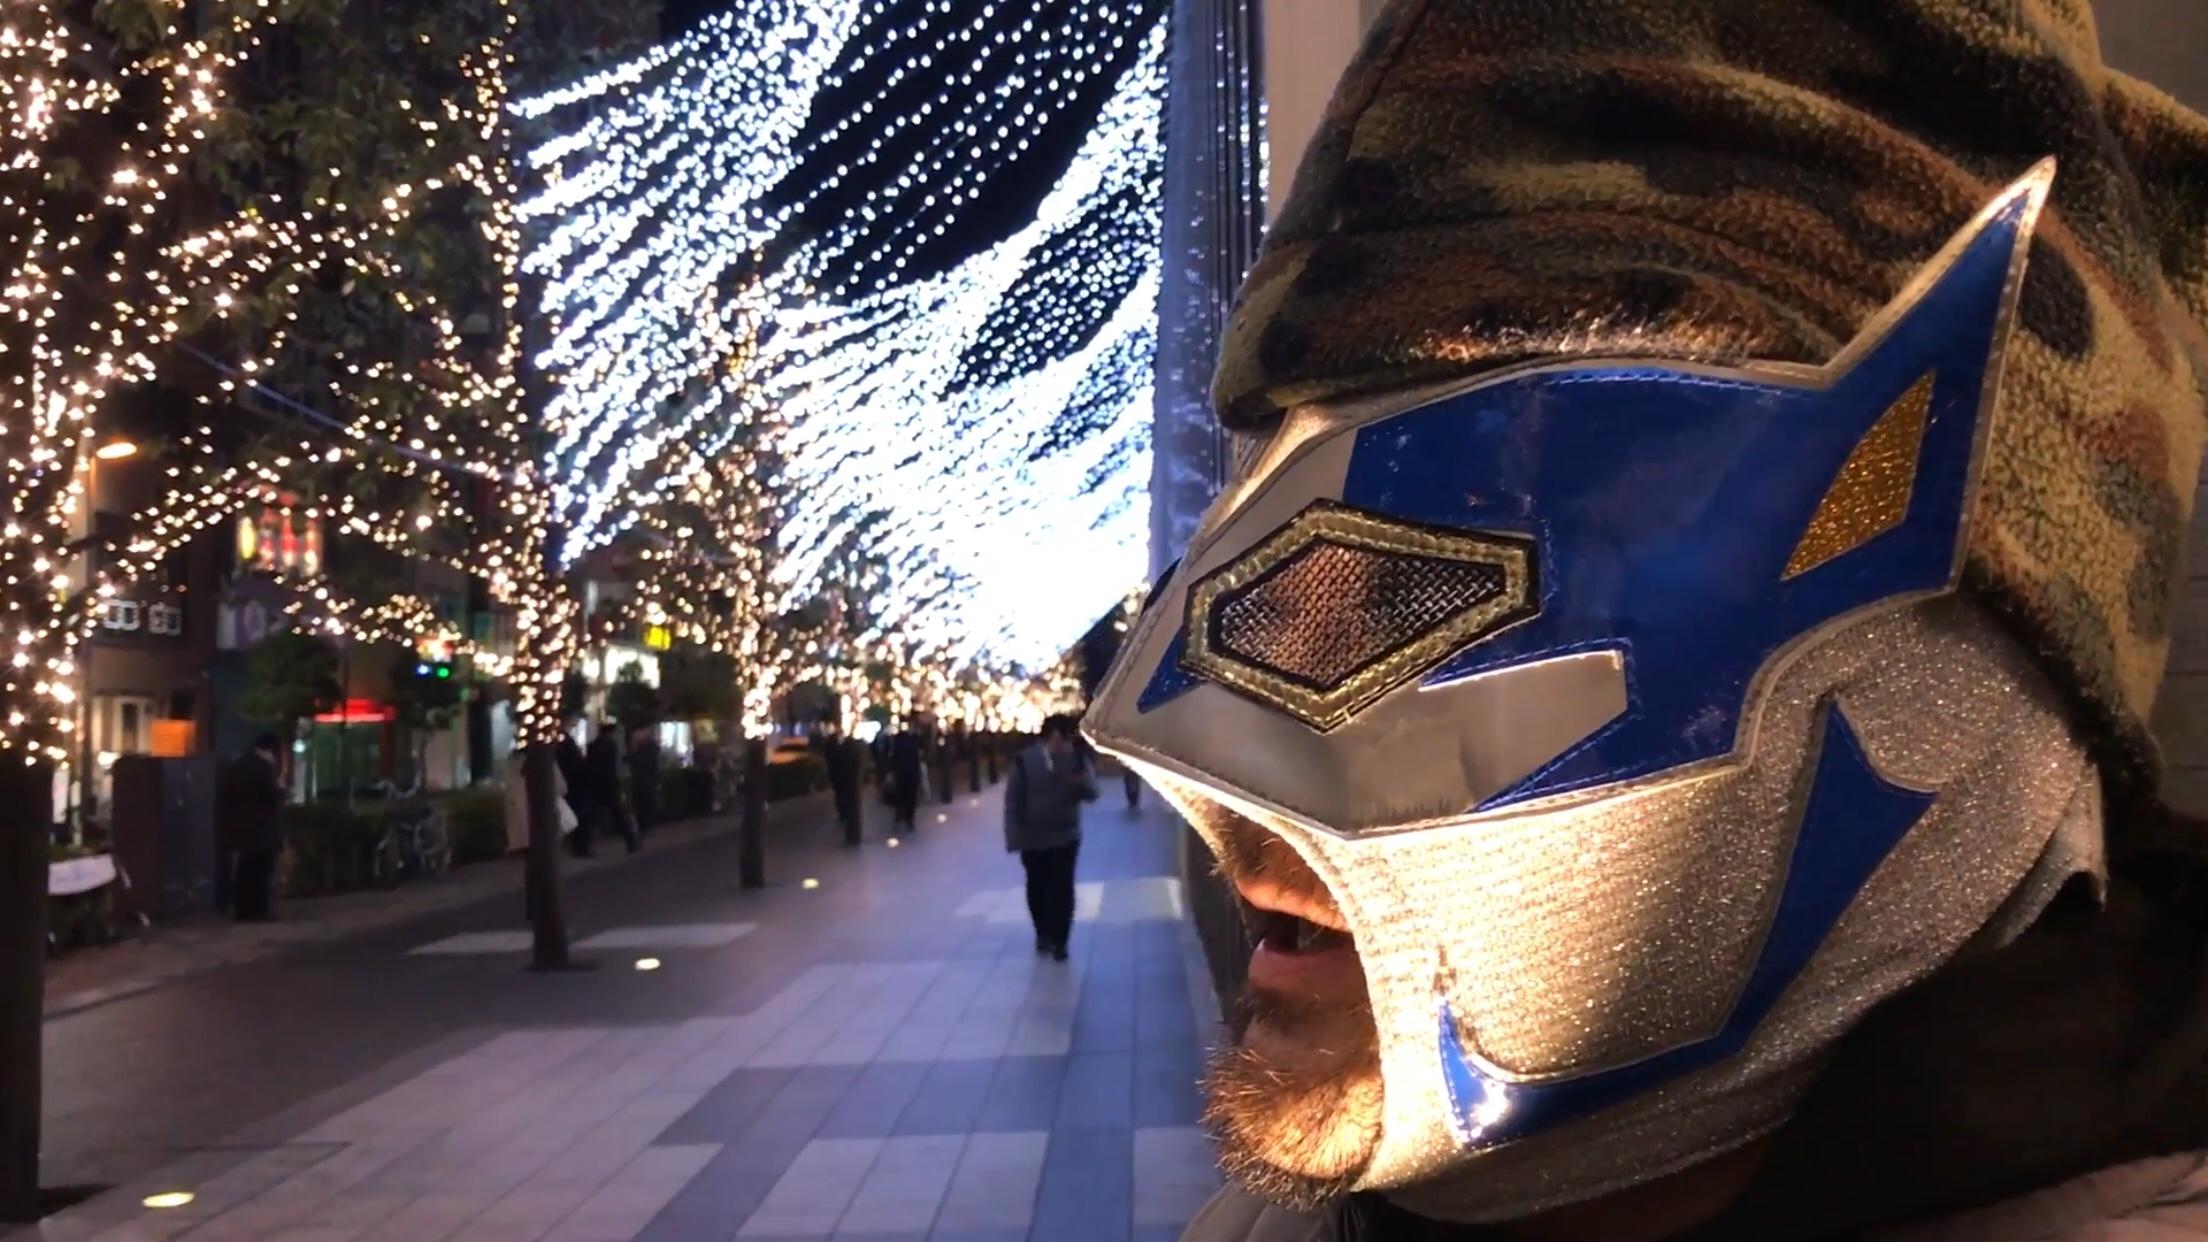 宇宙銀河戦士アンドロスより12/10調布グリーンホール大会に向けてのメッセージ!